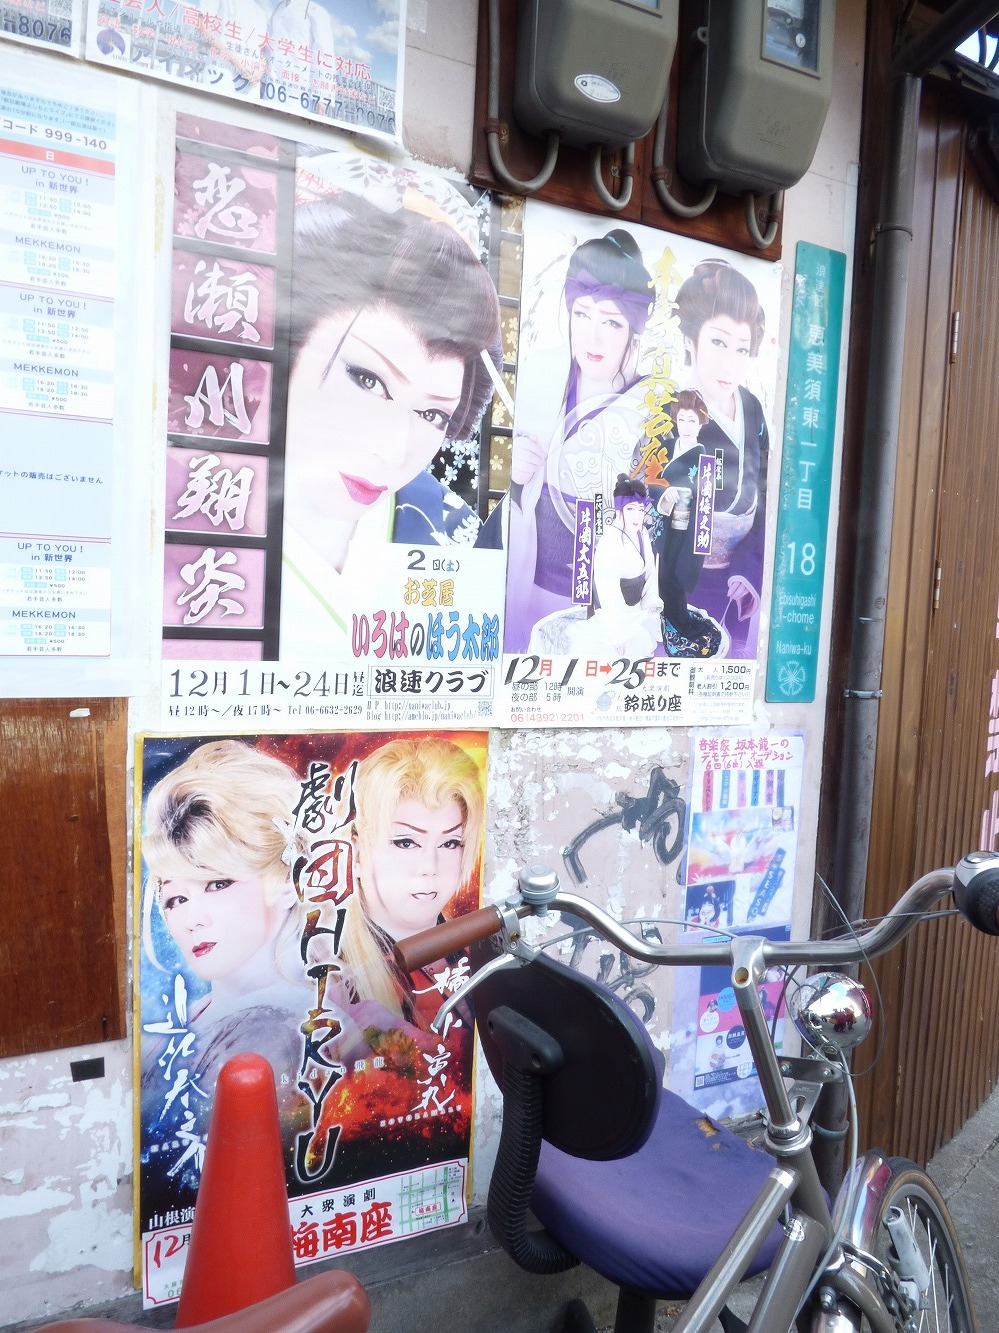 浪速クラブ(左上)・鈴成り座(右上)・梅南座(左下)の各ポスター。うち、浪速クラブのポスターは演目の部分が毎日貼り替えられている。